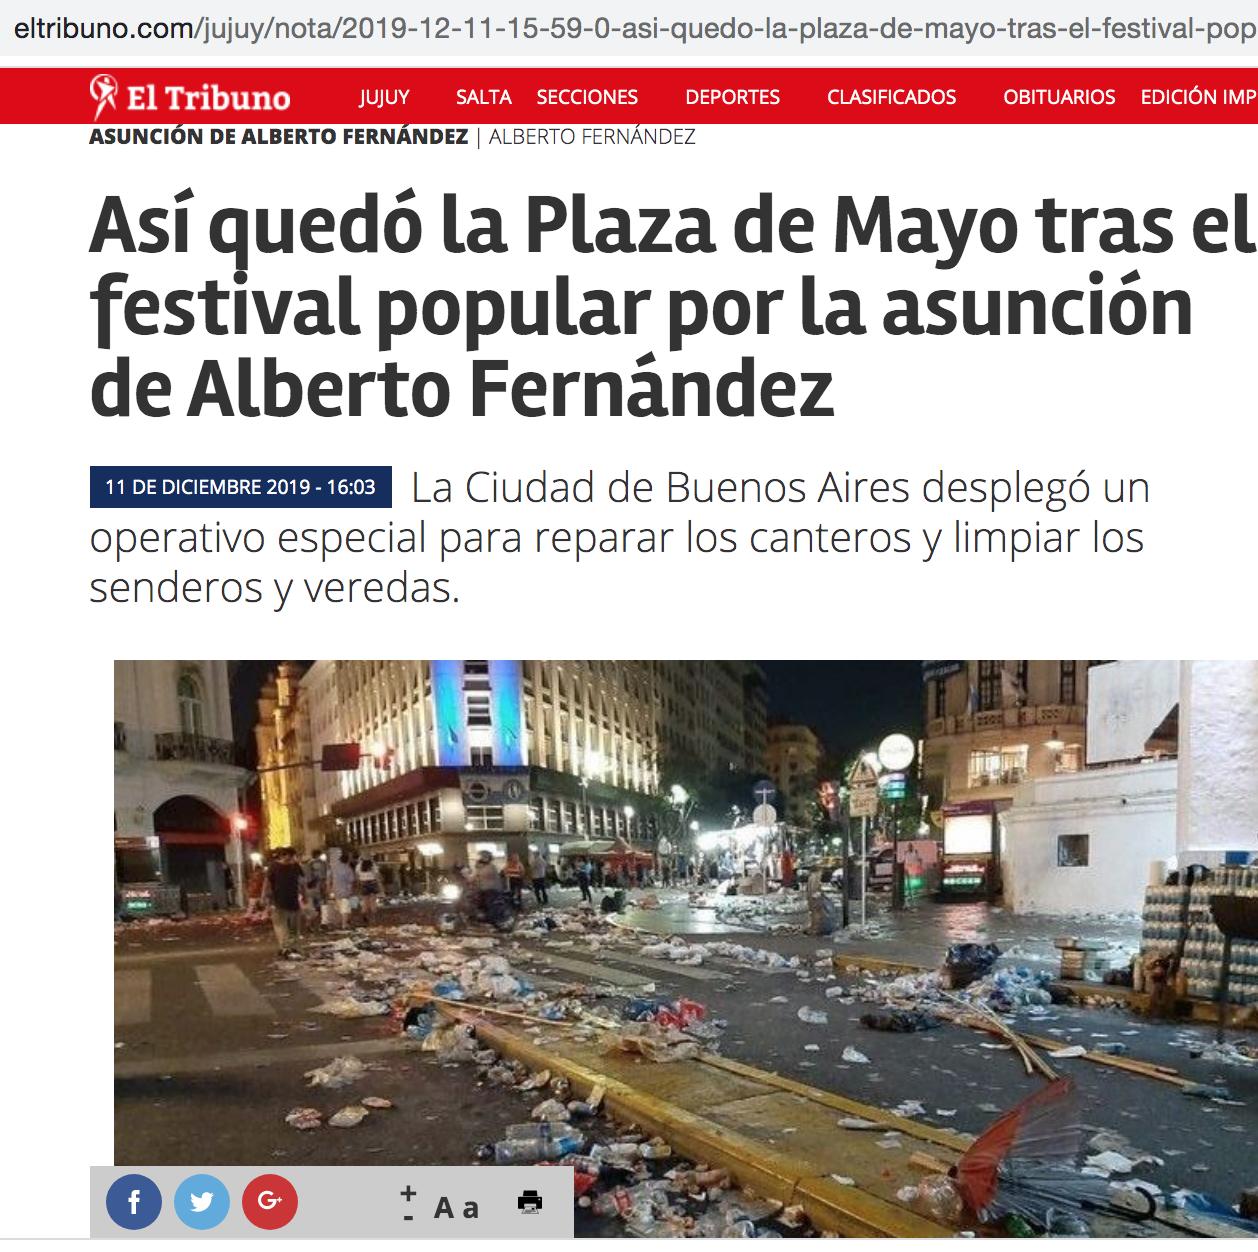 Foto de medio El tribuno